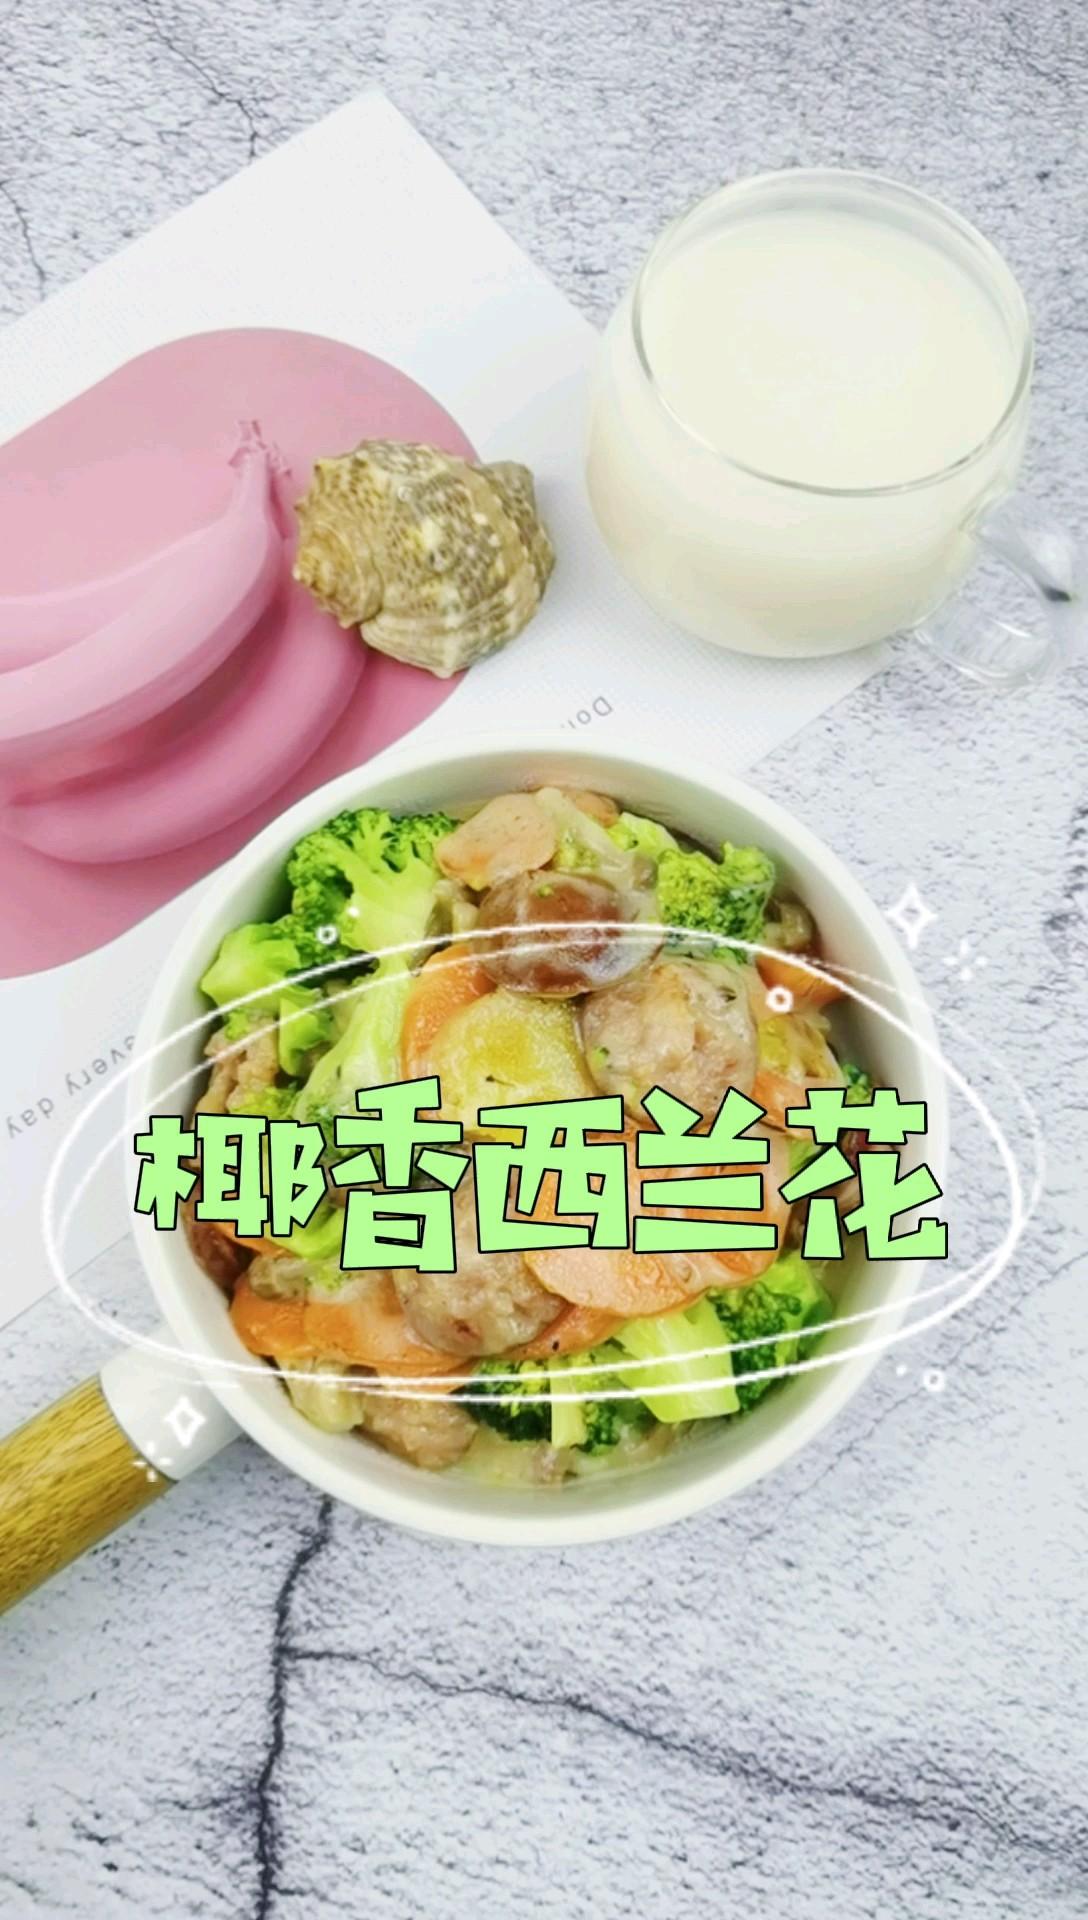 海南风情的椰香西兰花,浓郁椰奶香,荤素搭配,孩子超爱吃